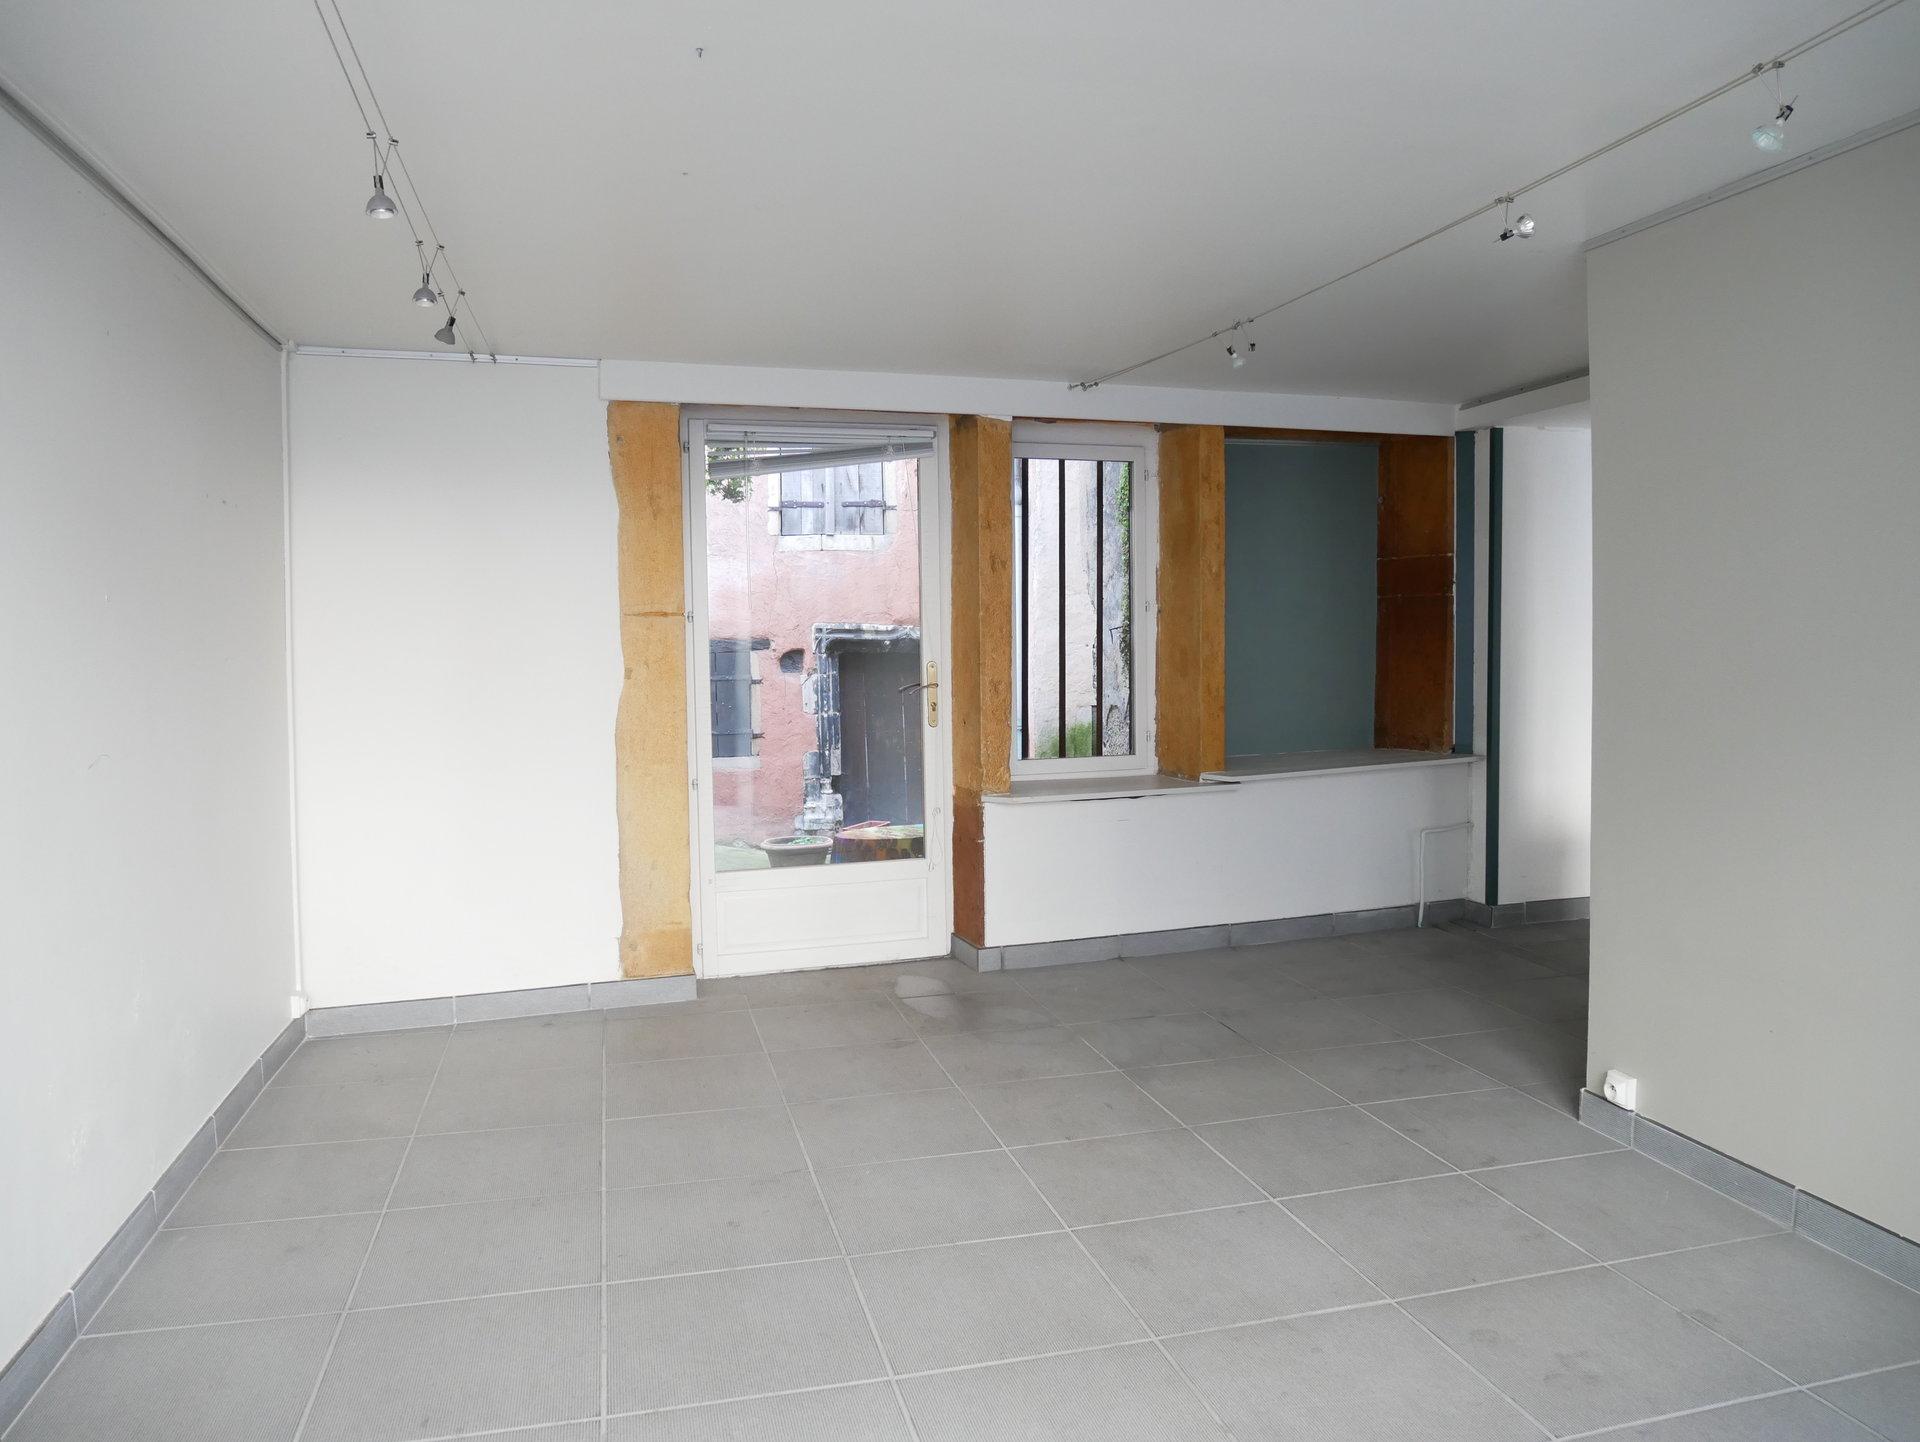 En plein coeur de ville, découvrez cette maison de ville atypique de 135 m², avec terrasse, courette et garage. Elevé sur trois niveaux, cet ensemble comprend un espace indépendant de 45 m² au RDC, donnant sur une courette privative, pouvant servir de commerce ou bureau. A l'étage, un appartement de trois pièces de 90 m², en duplex, bénéficie d'une terrasse privée et d'une vue privilégiée sur la Place Saint-Pierre. Le premier niveau comprend une cuisine équipée, un séjour, une salle de bains avec WC. L'étage comprend deux chambres en enfilade. Un garage non attenant et une cave enterrée viennent compléter ce bien original, dans lequel plusieurs fonctions sont envisageables. Honoraires à la charge du vendeur.